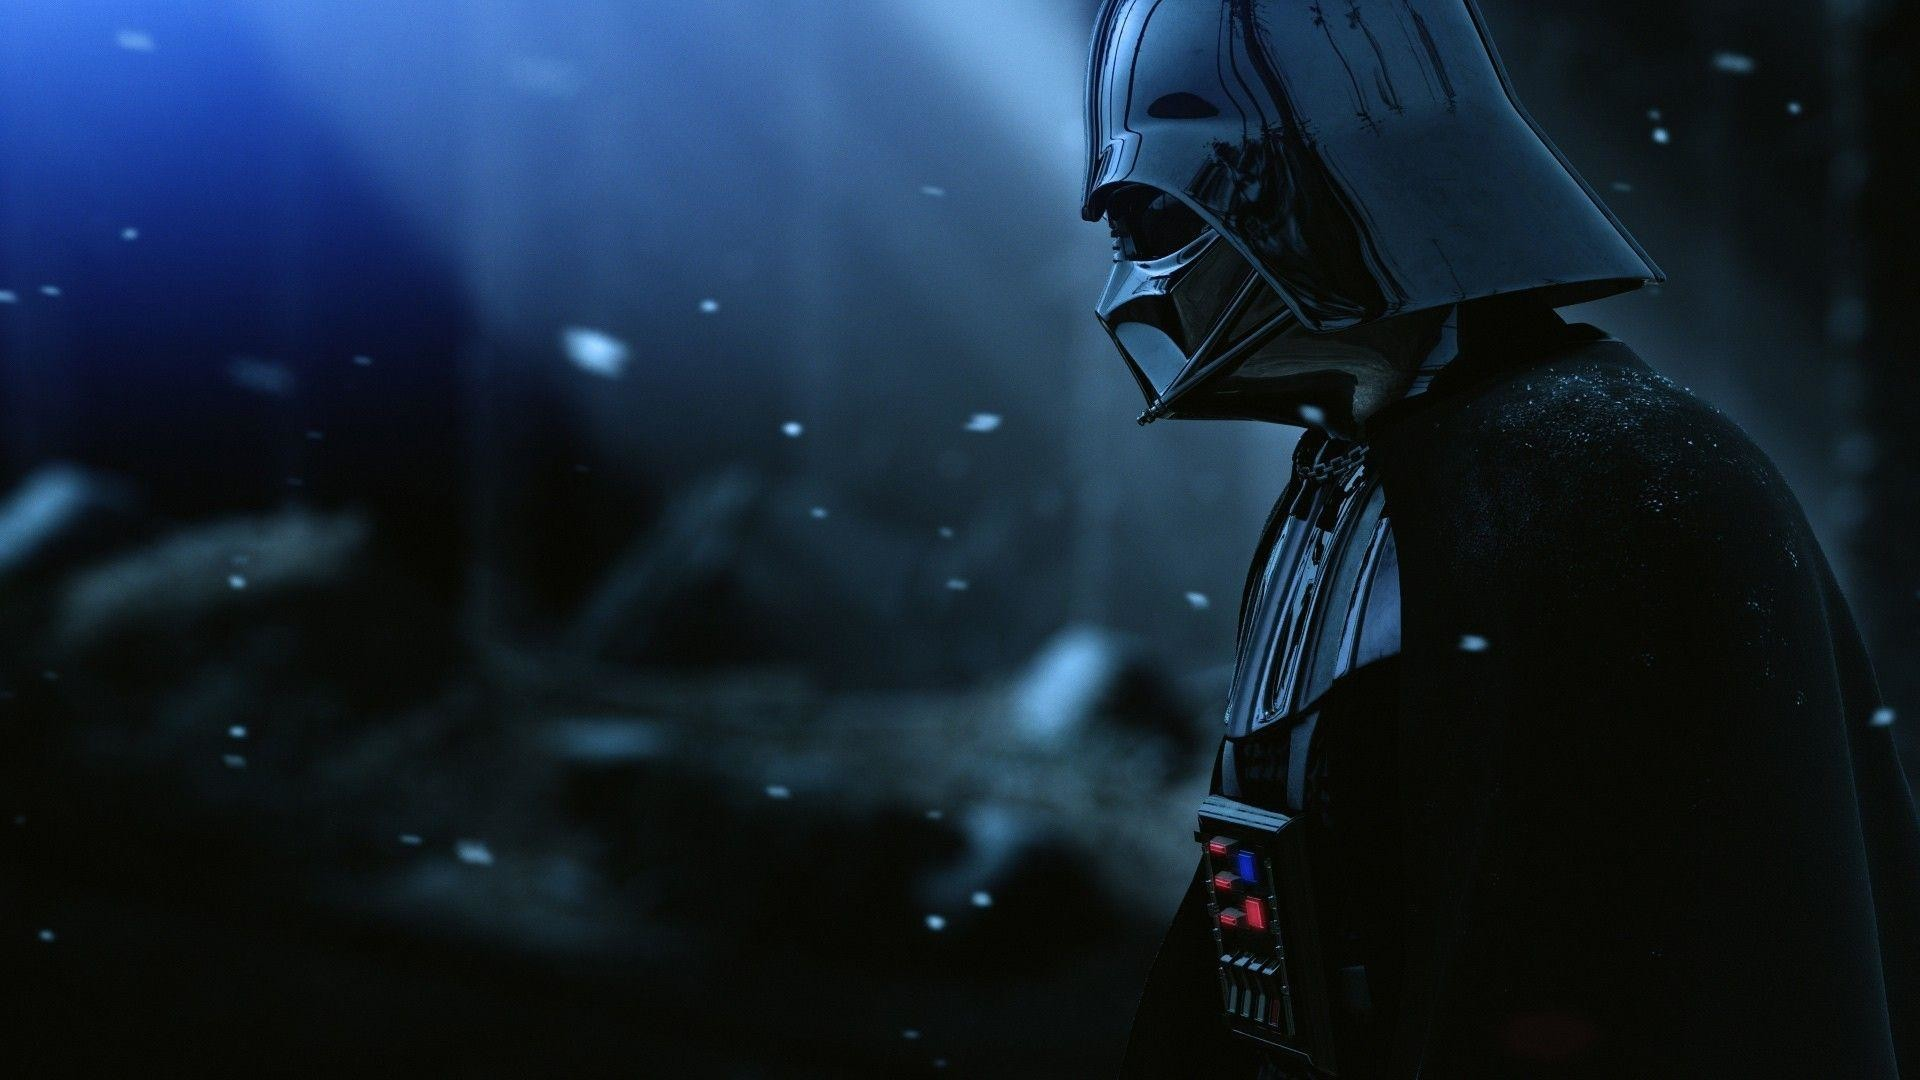 Star Wars Wallpaper 1680x1050 1